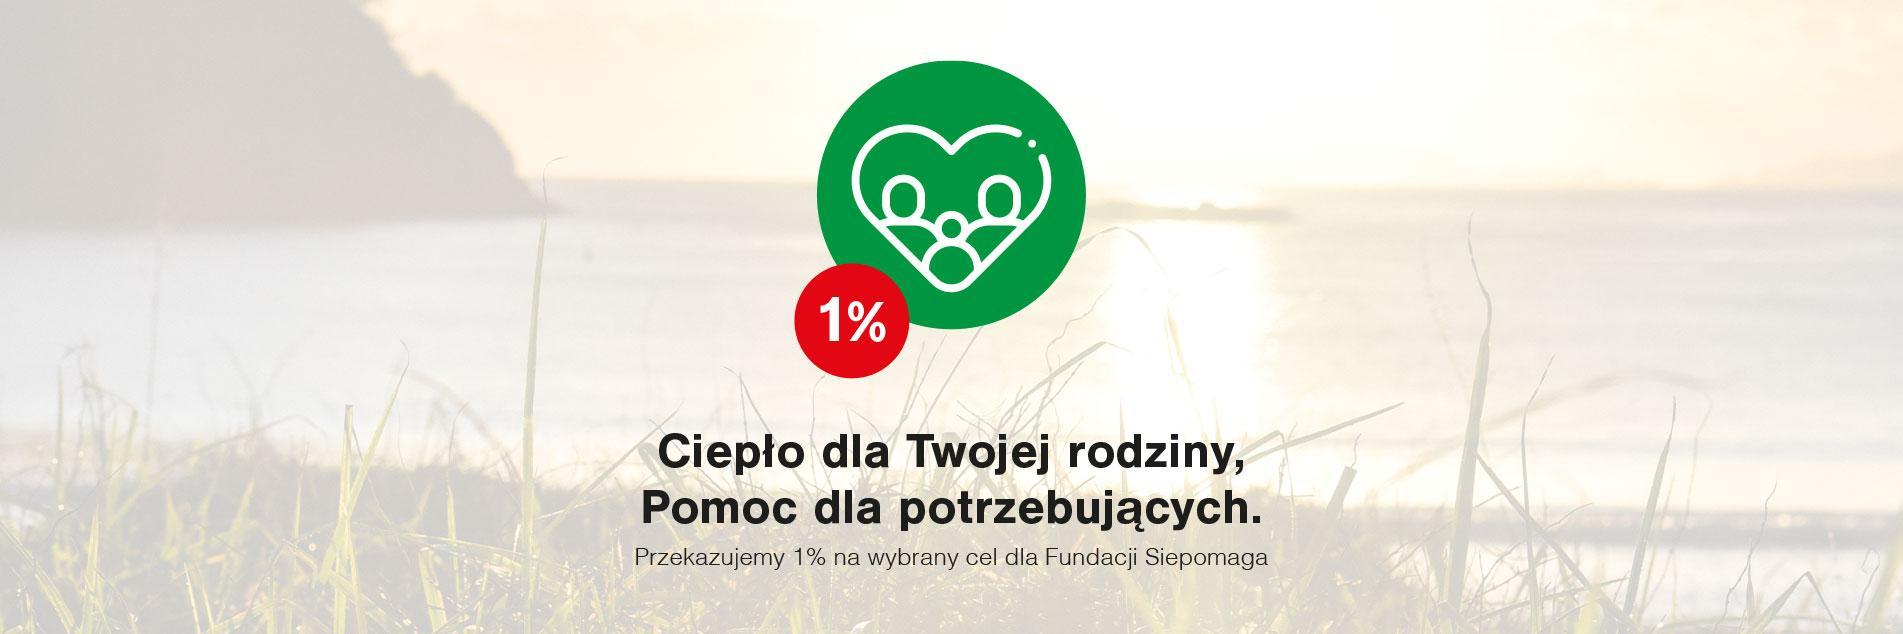 http://derkon.com.pl/wp-content/uploads/2021/01/derkon_baner_fundacja.jpg